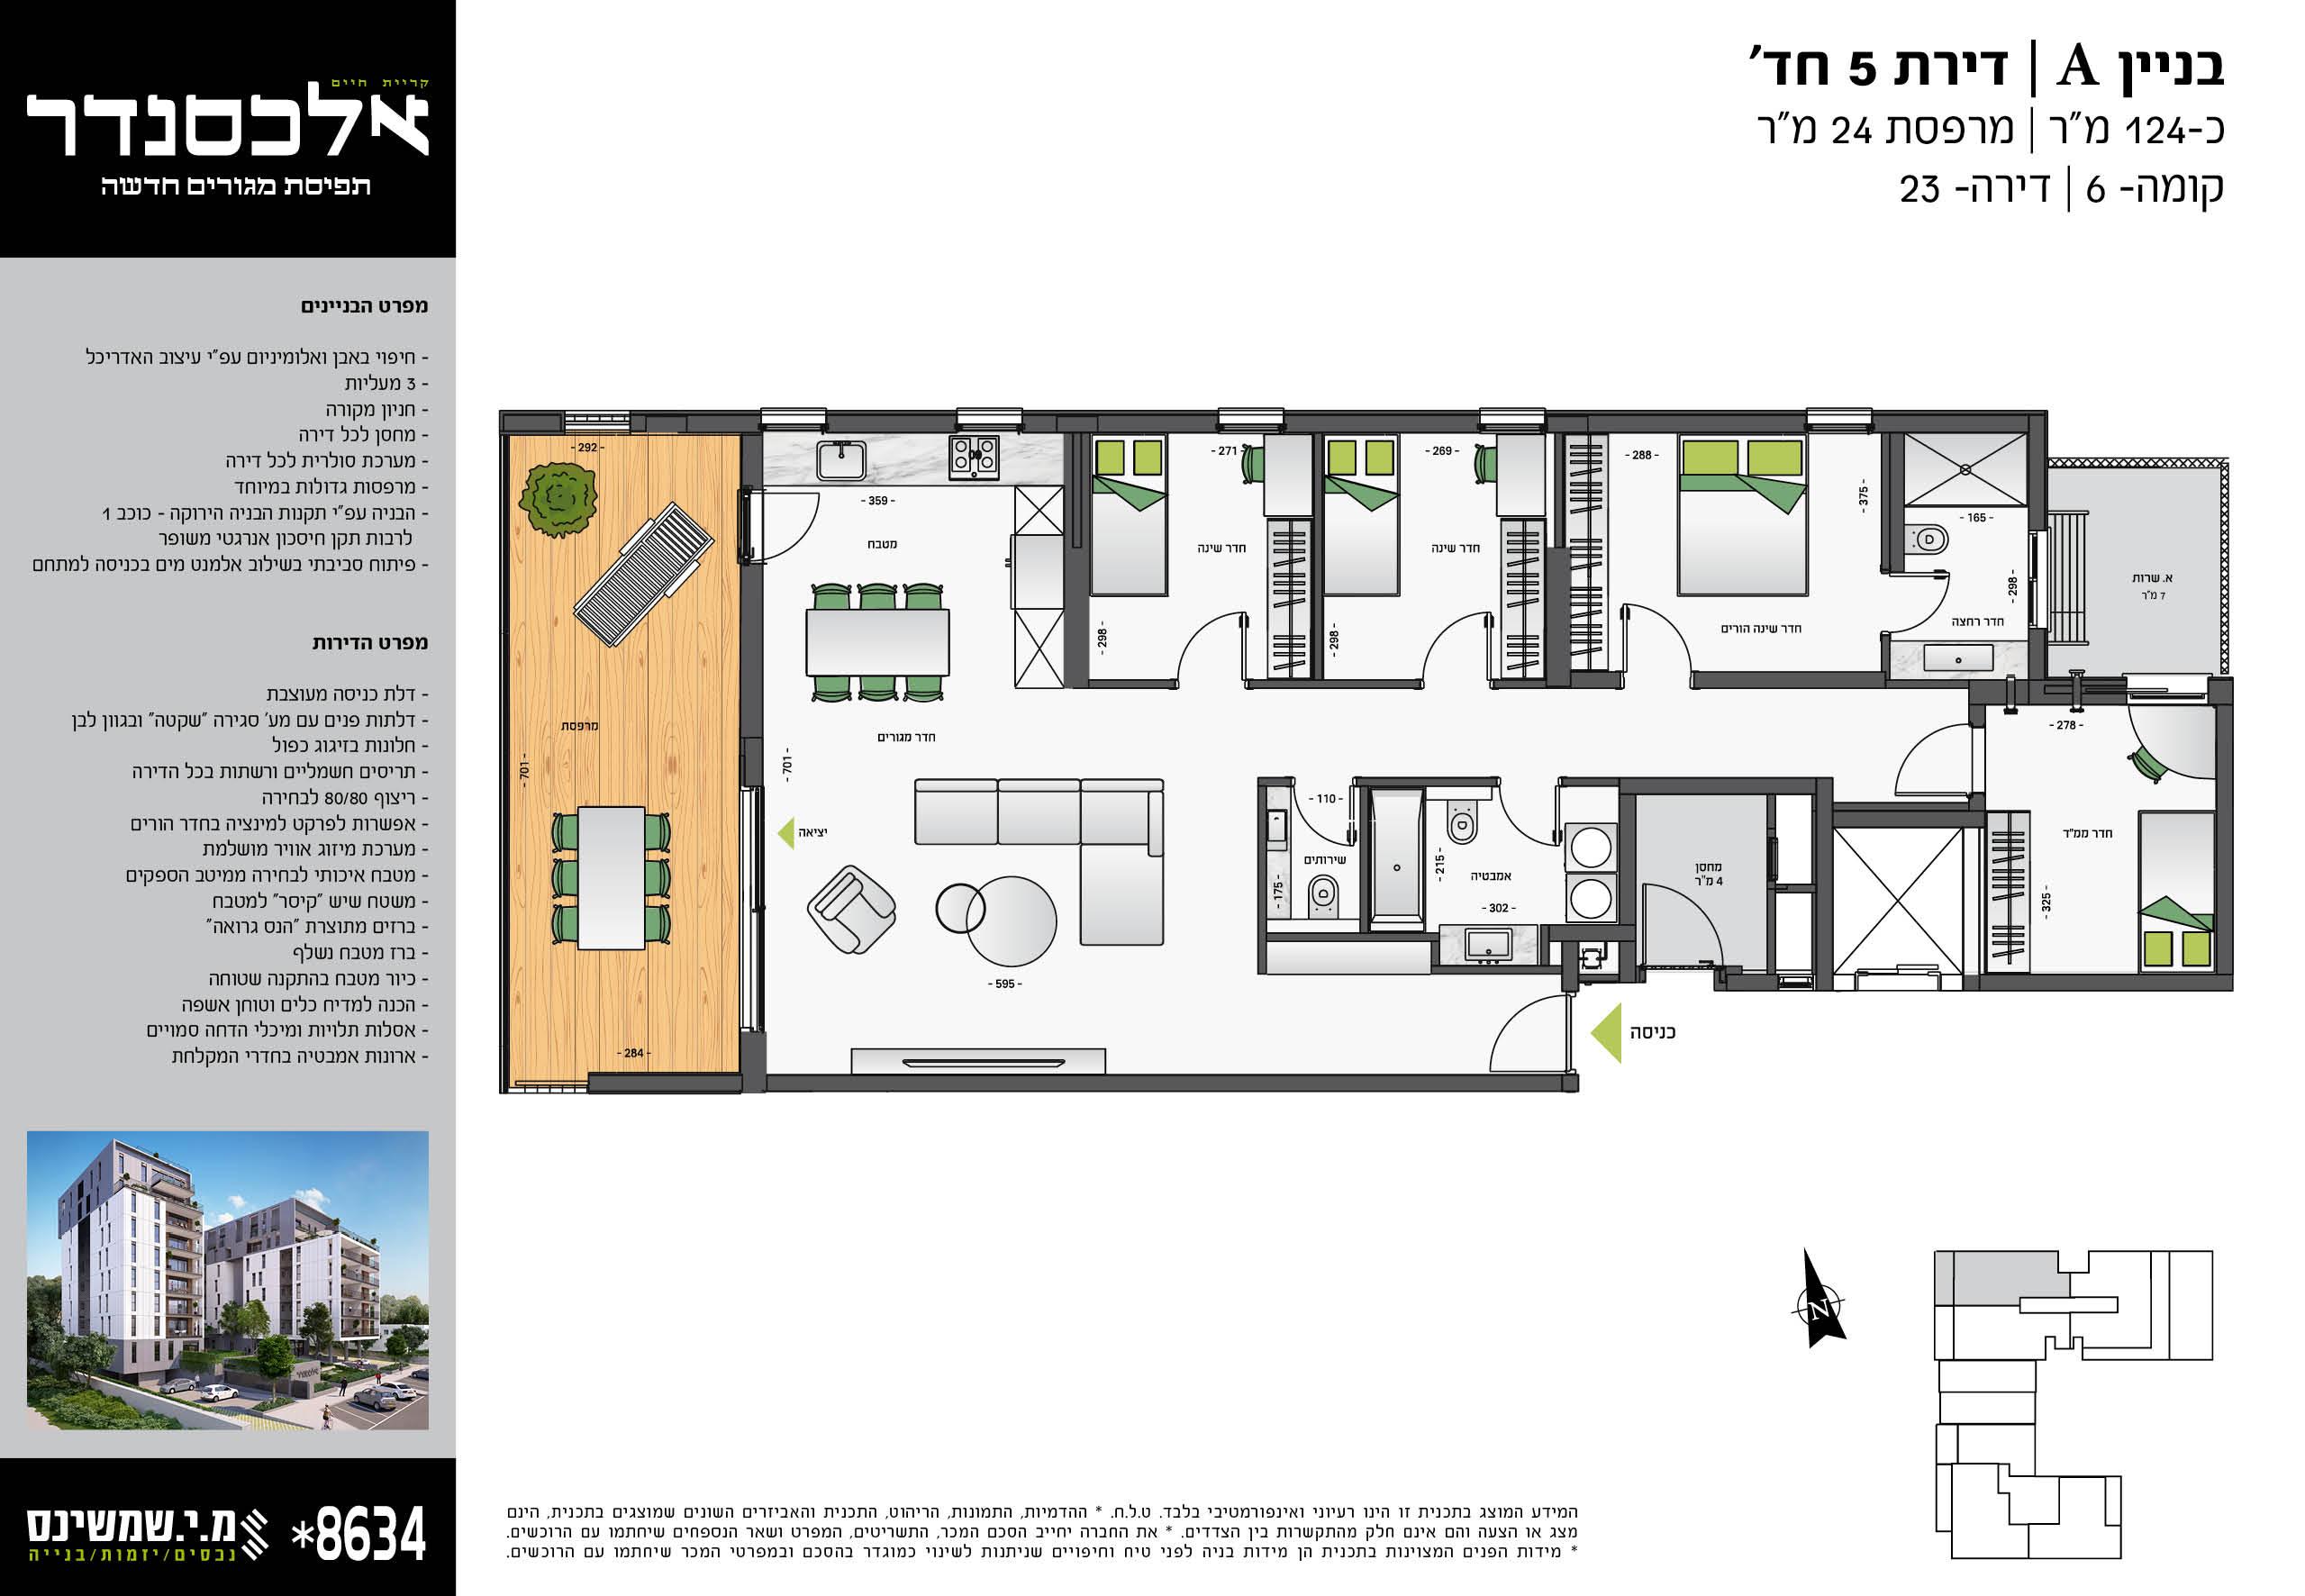 דירה 23